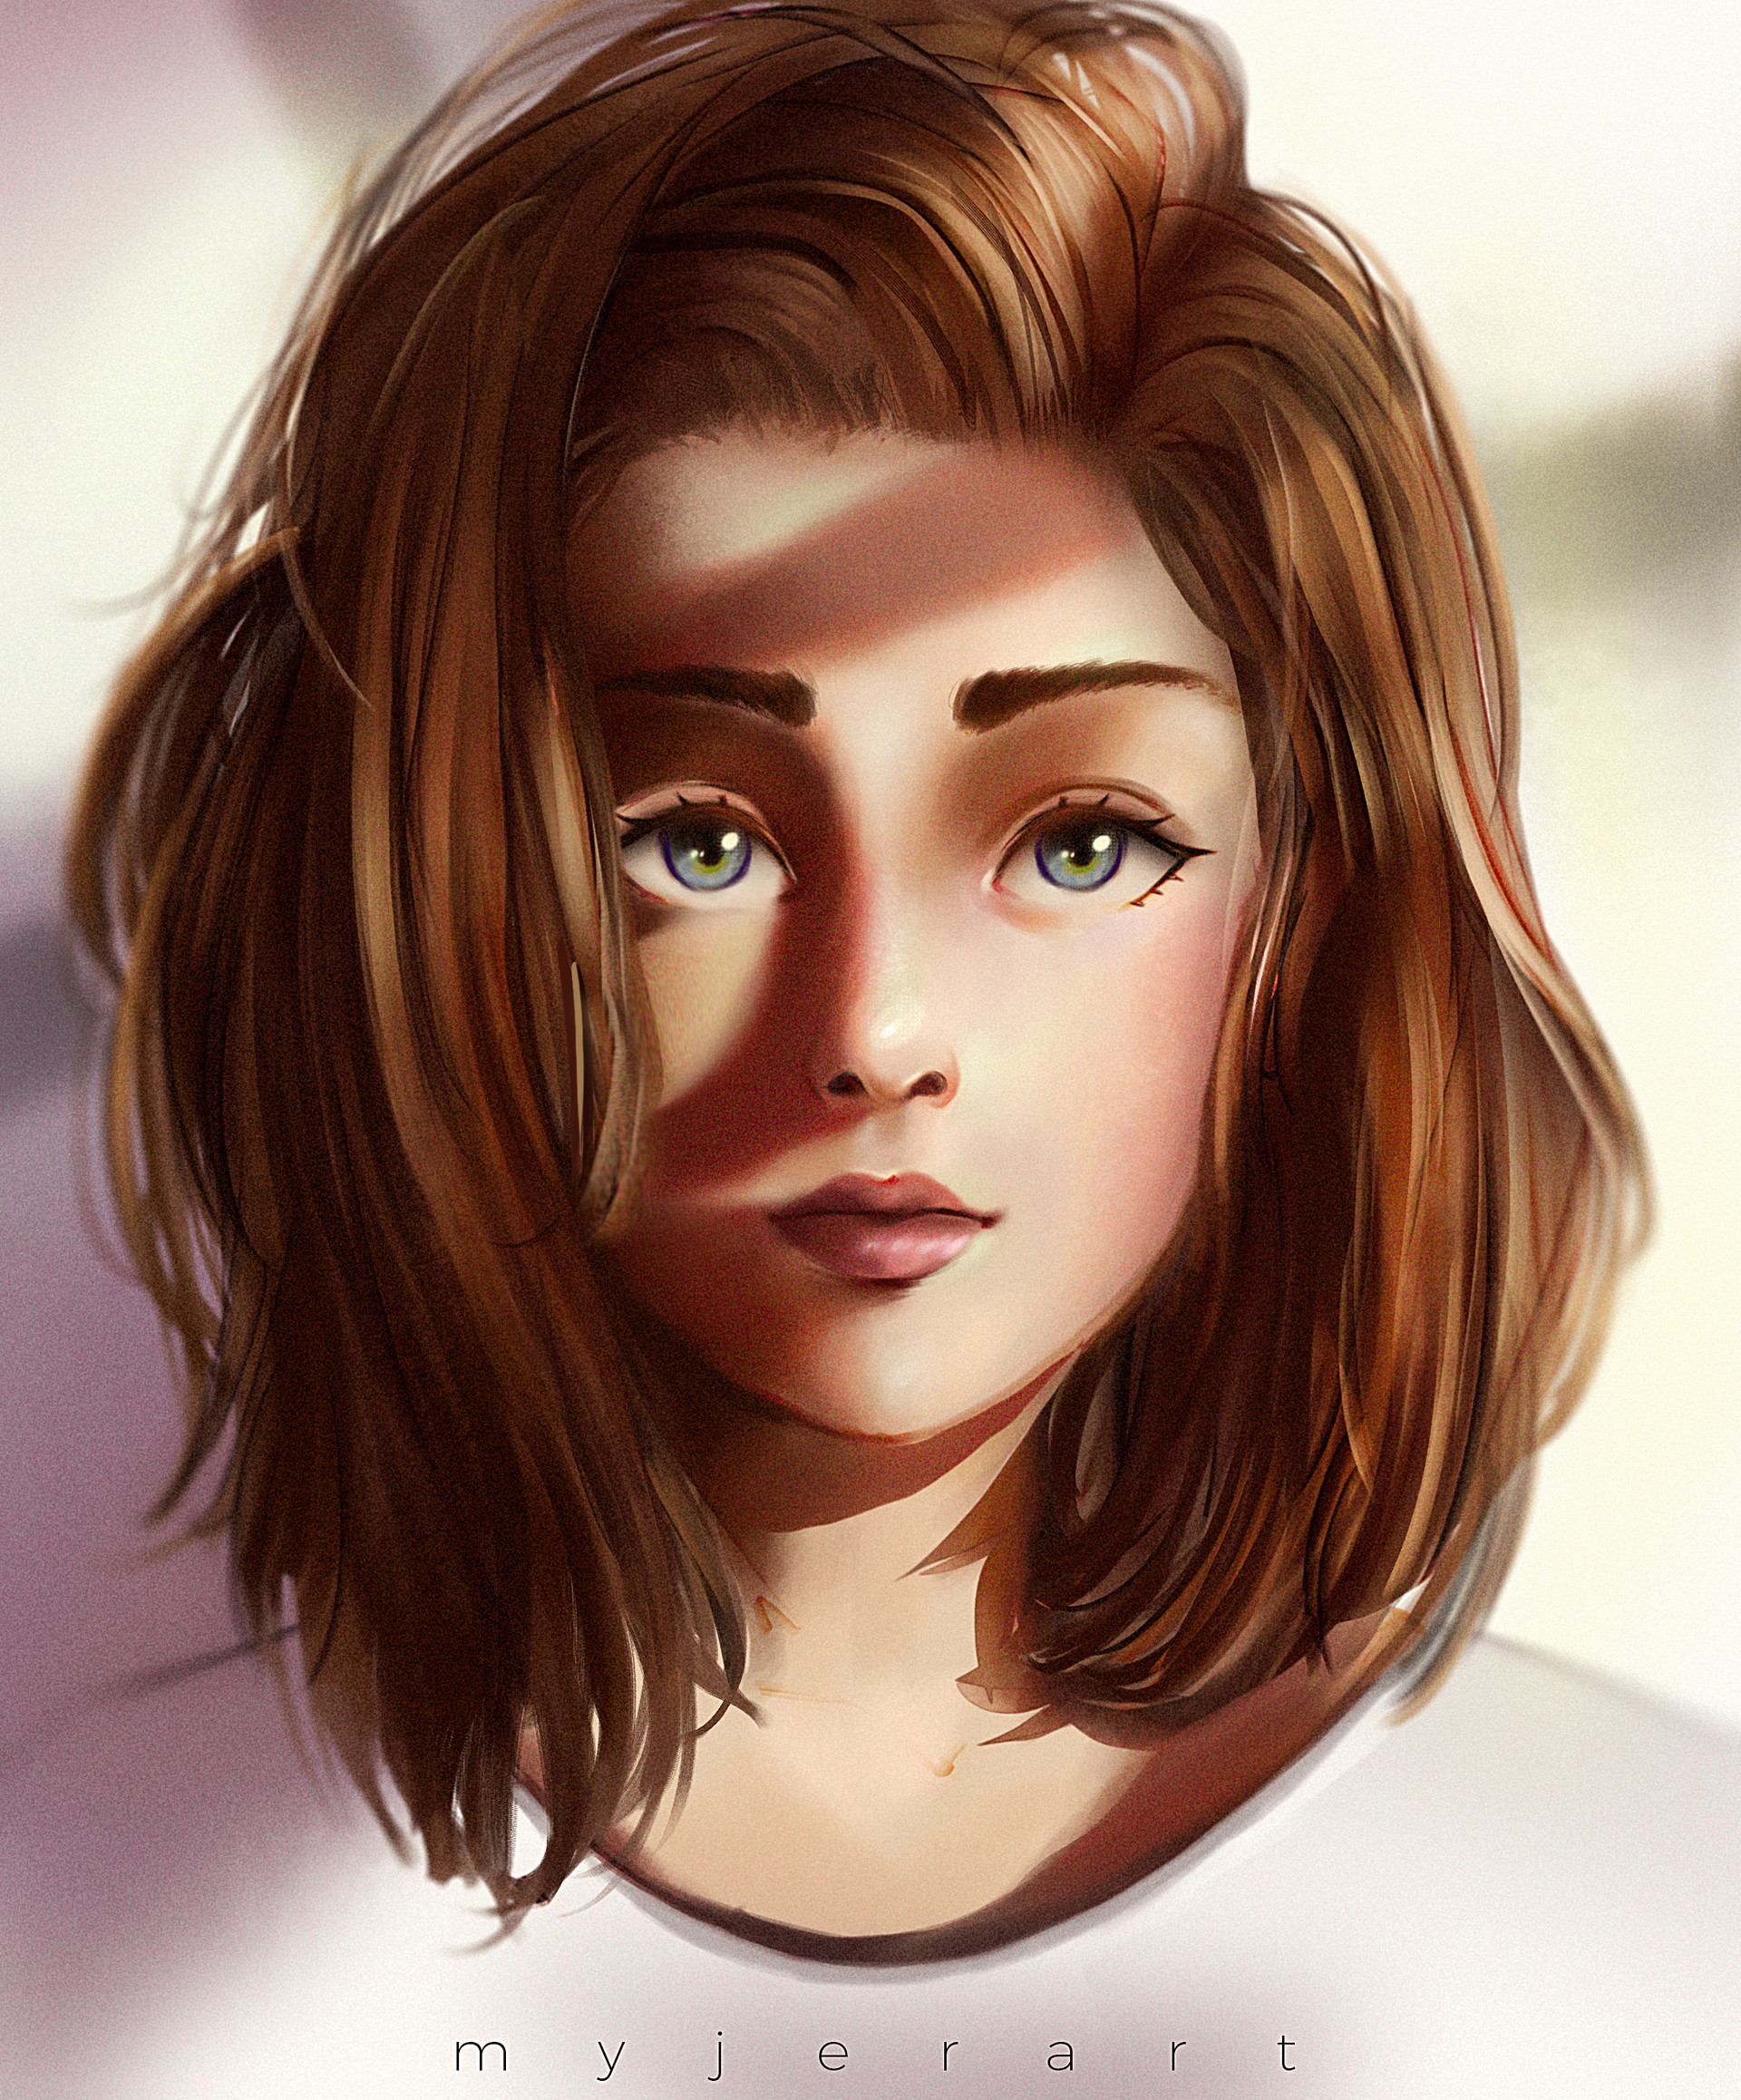 Artstation - Brown Haired Girl, Myjerart-6909